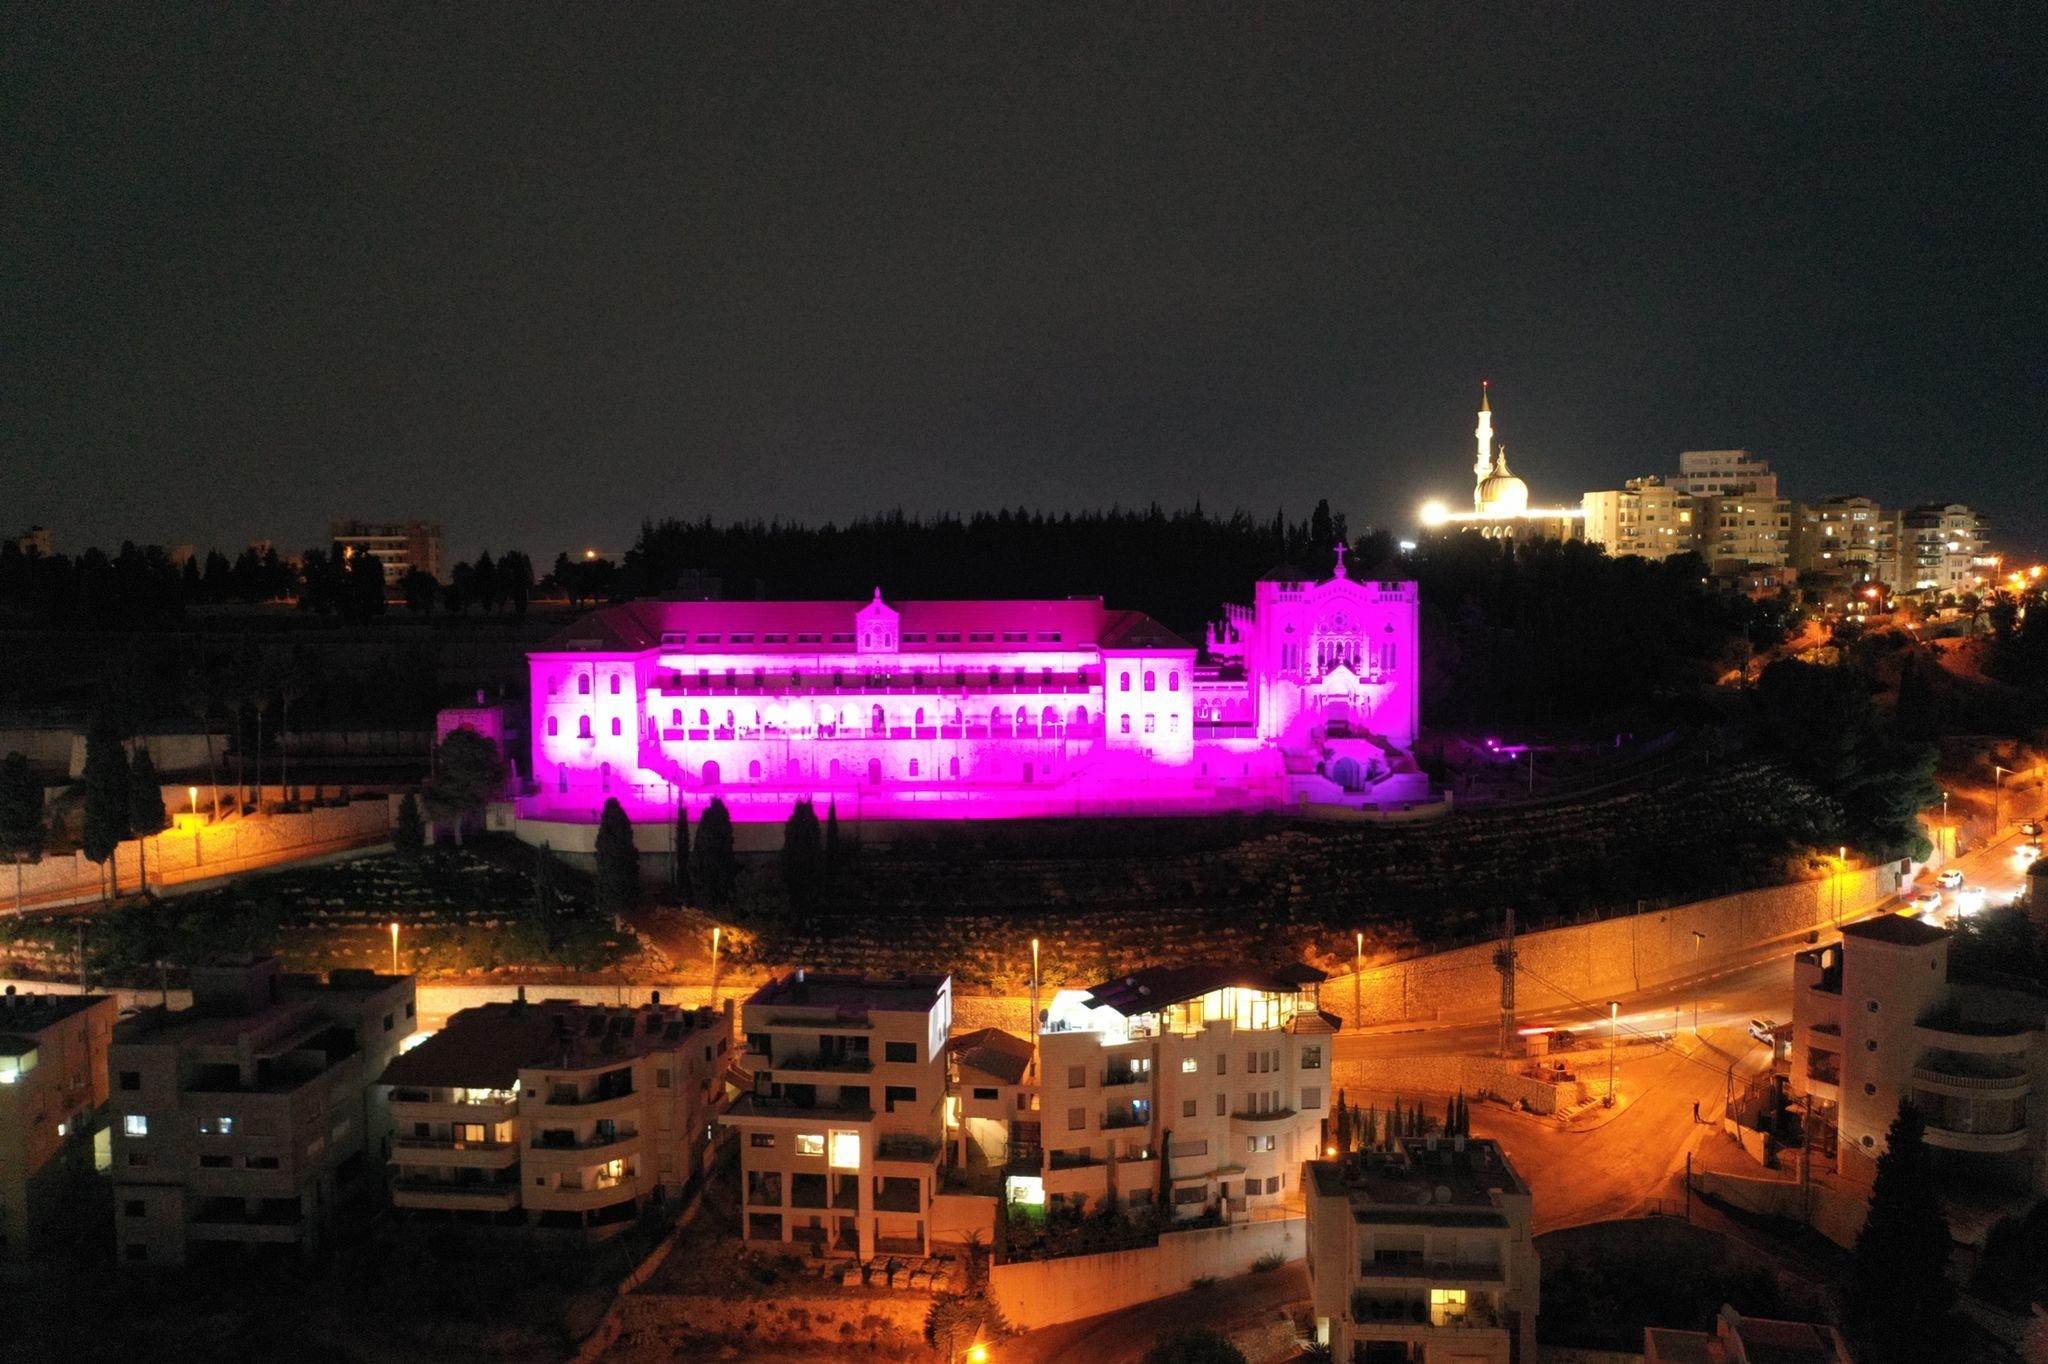 جمعية مريم تنظم أمسية التوعية الأكبر لسرطان الثدي وتضيء كنيسة السالزيان باللون الزهري-1